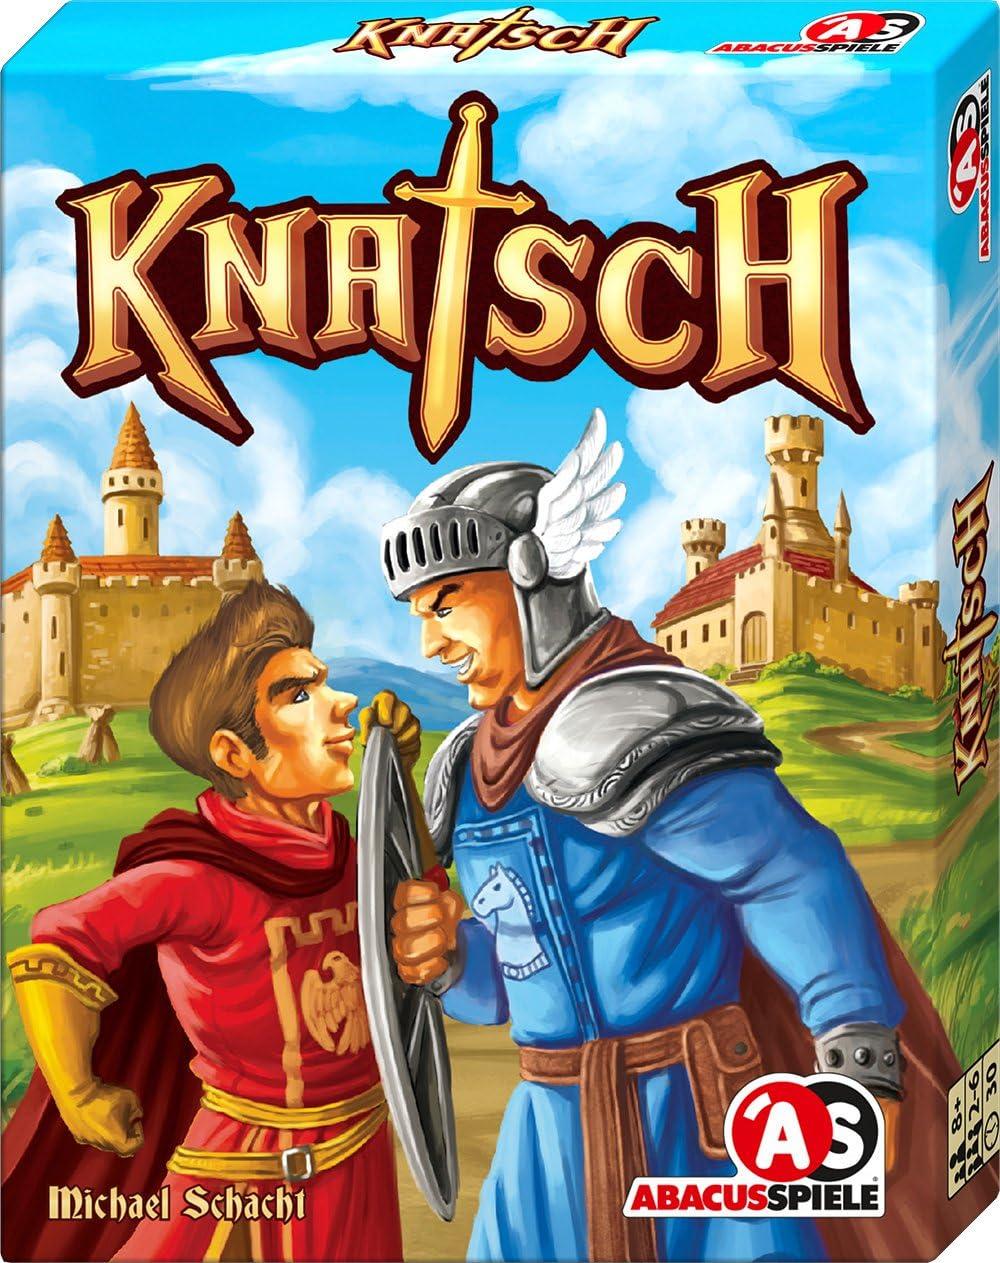 ABACUSSPIELE 08153 Knatsch - Juego de Cartas (Puede no Estar en español): Schacht, Michael: Amazon.es: Juguetes y juegos